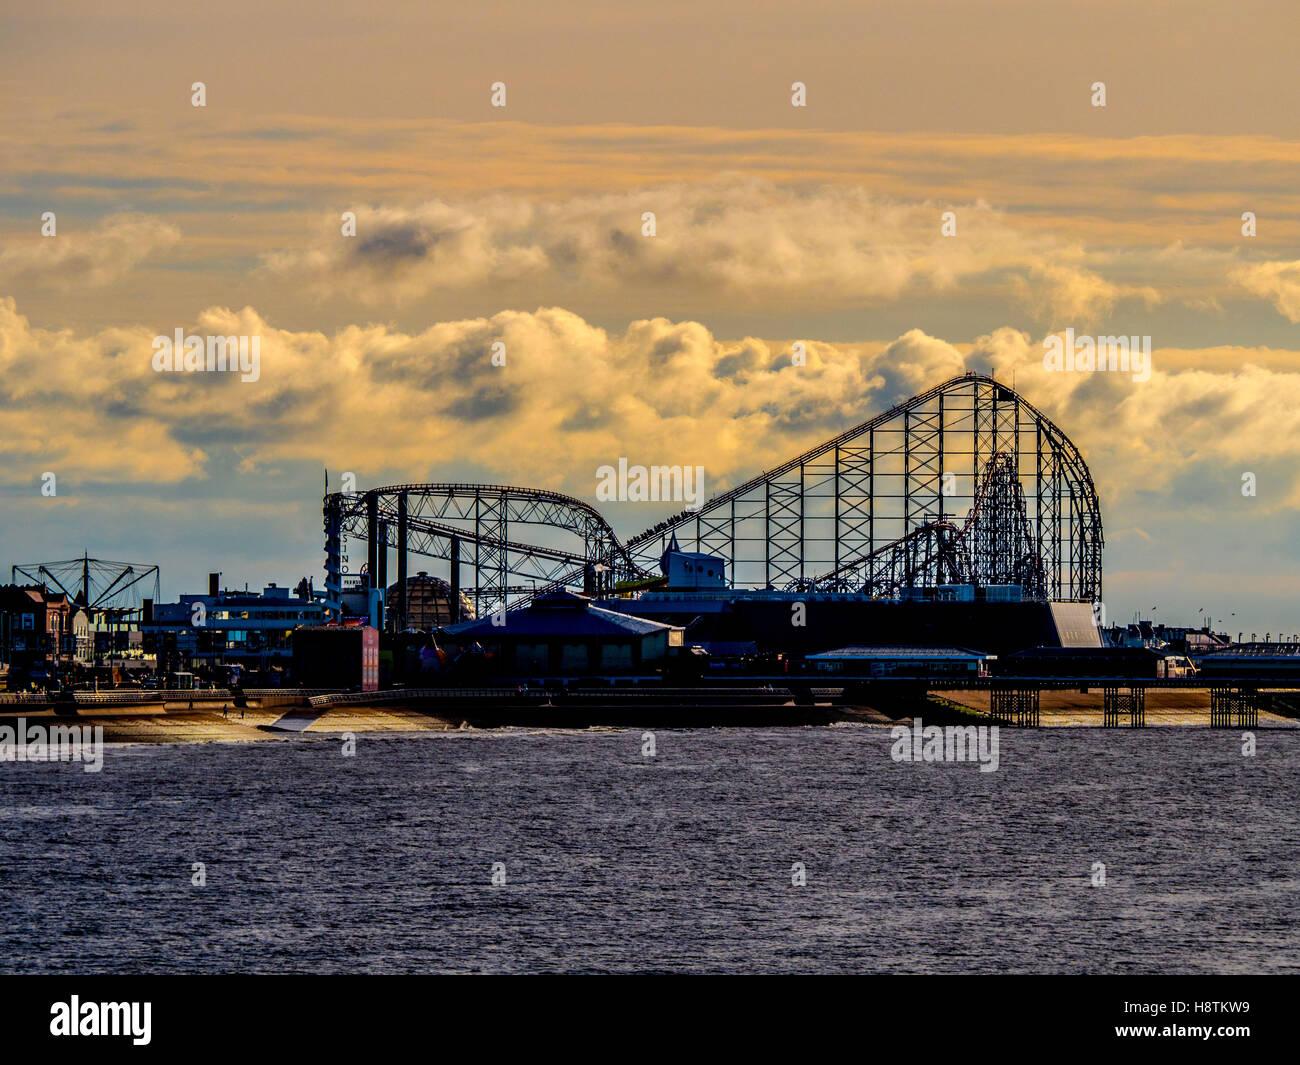 Big Dipper, piacere spiaggia al tramonto, Blackpool, Lancashire, Regno Unito. Immagini Stock